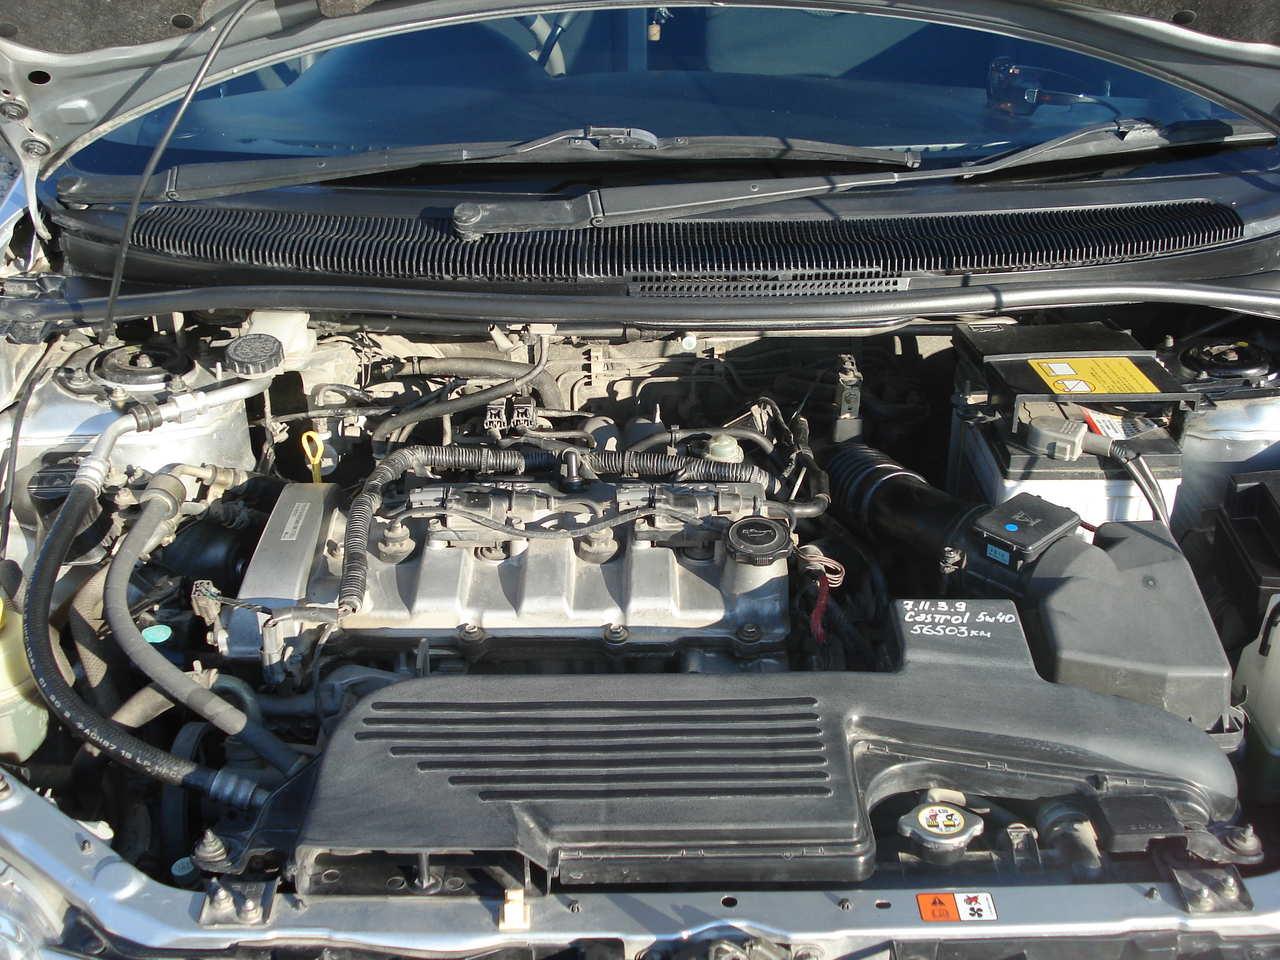 Mazda Premacy Pictures L Gasoline FF Automatic For Sale - Mazda premacy problems